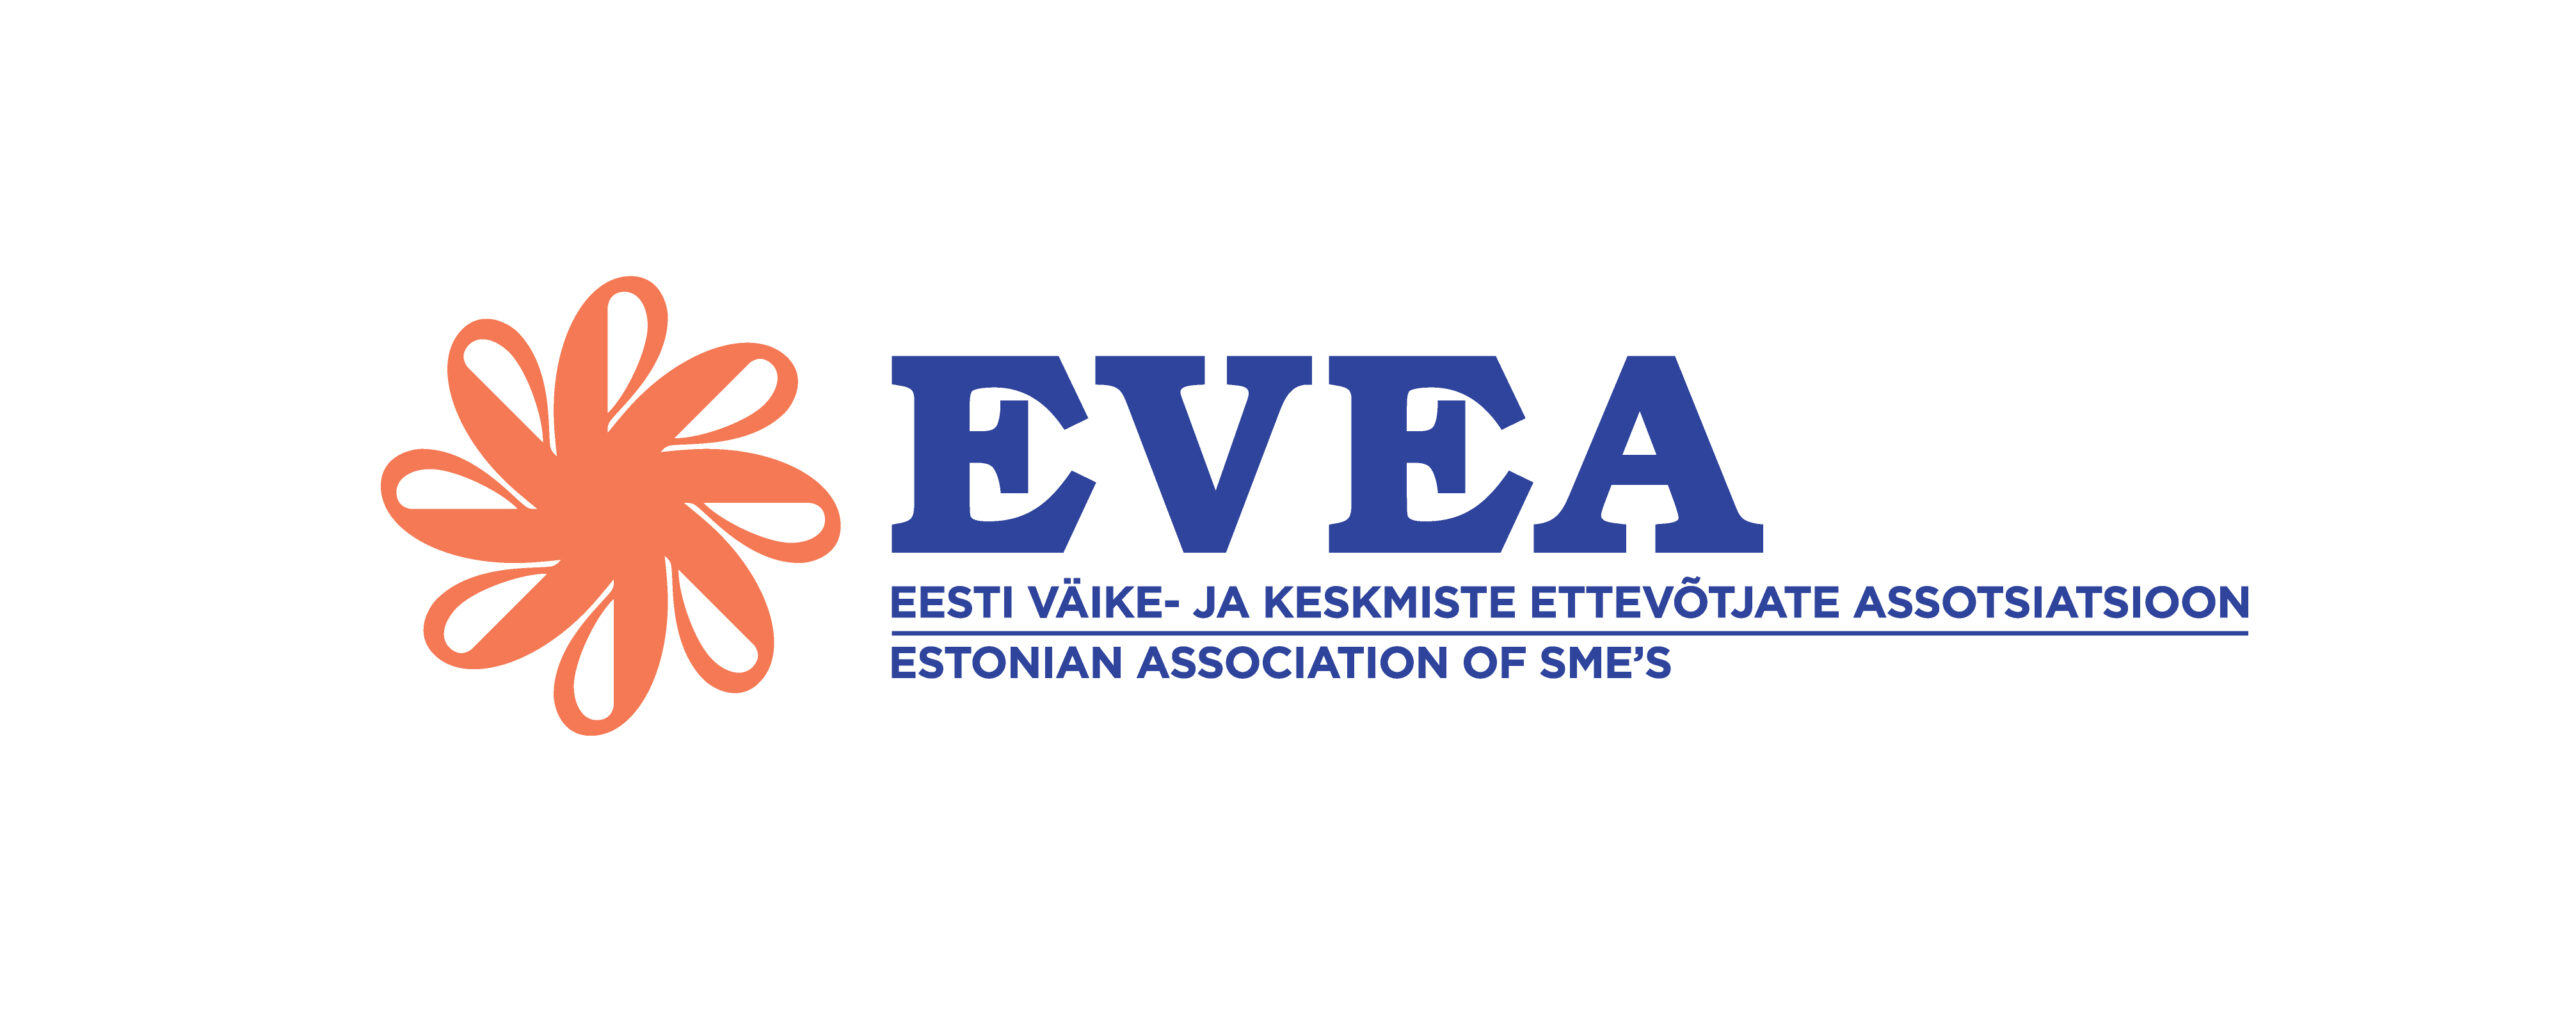 EVEA logo